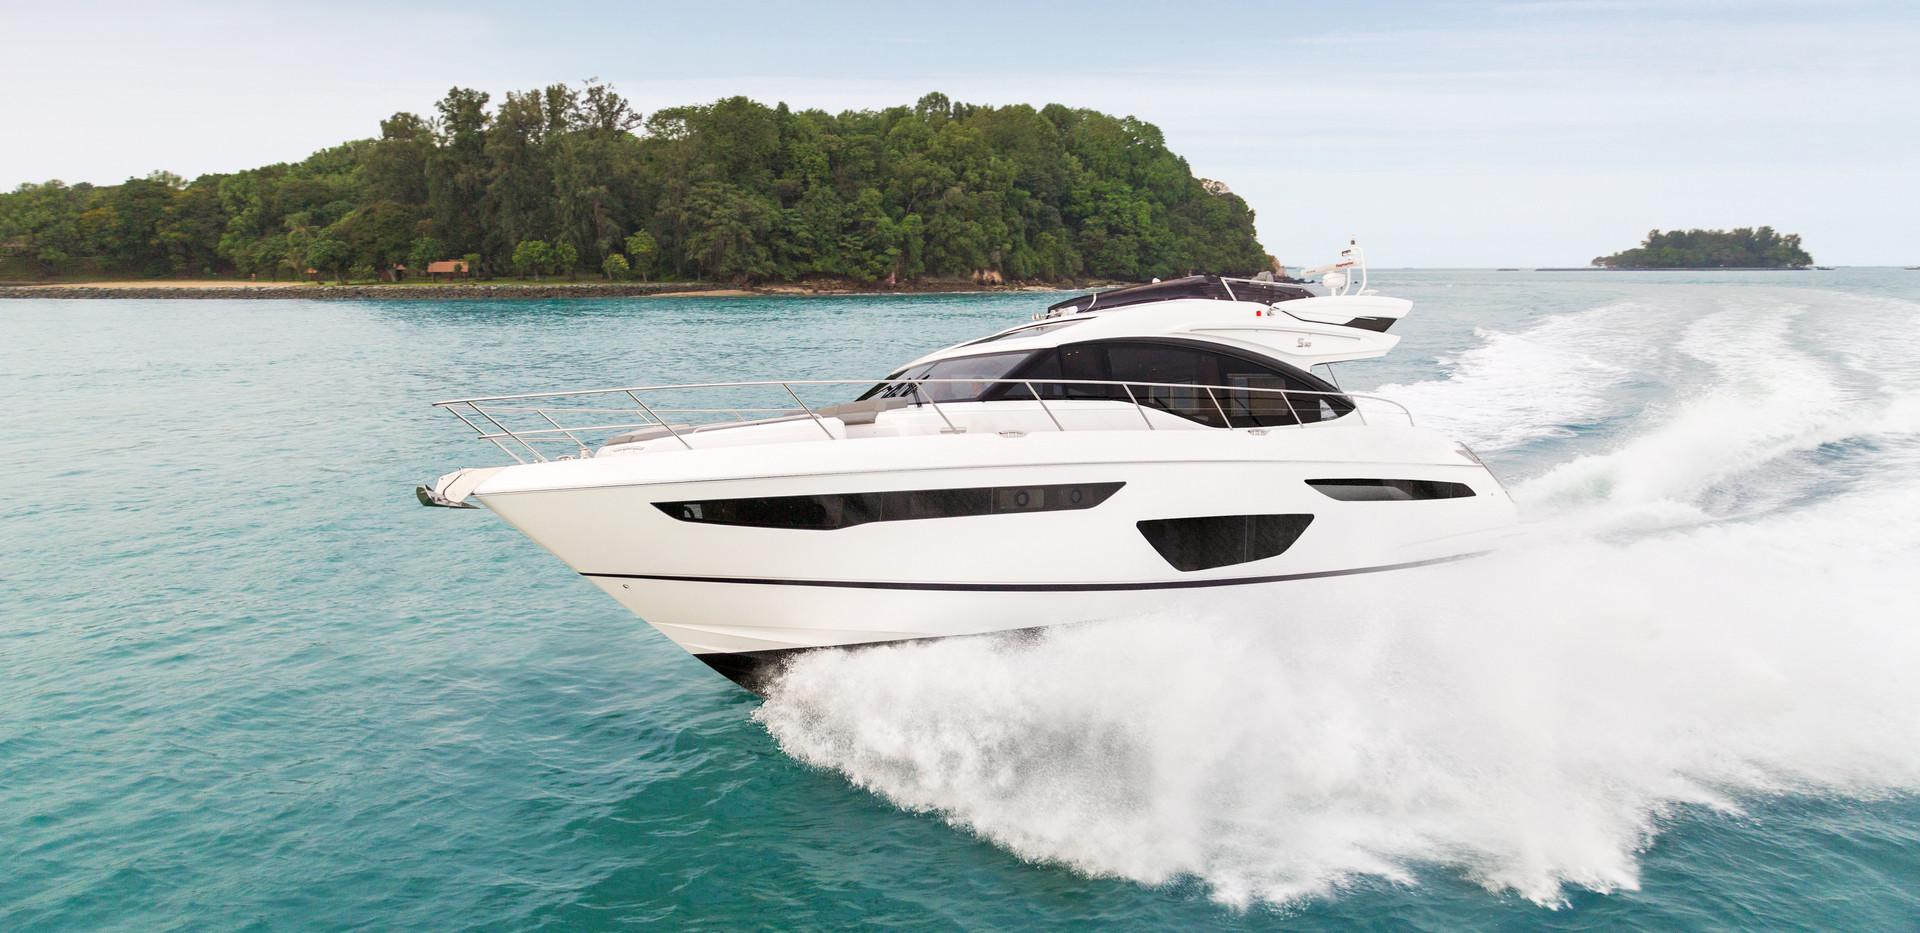 s60-exterior-white-hull-01Abromowitz Sha